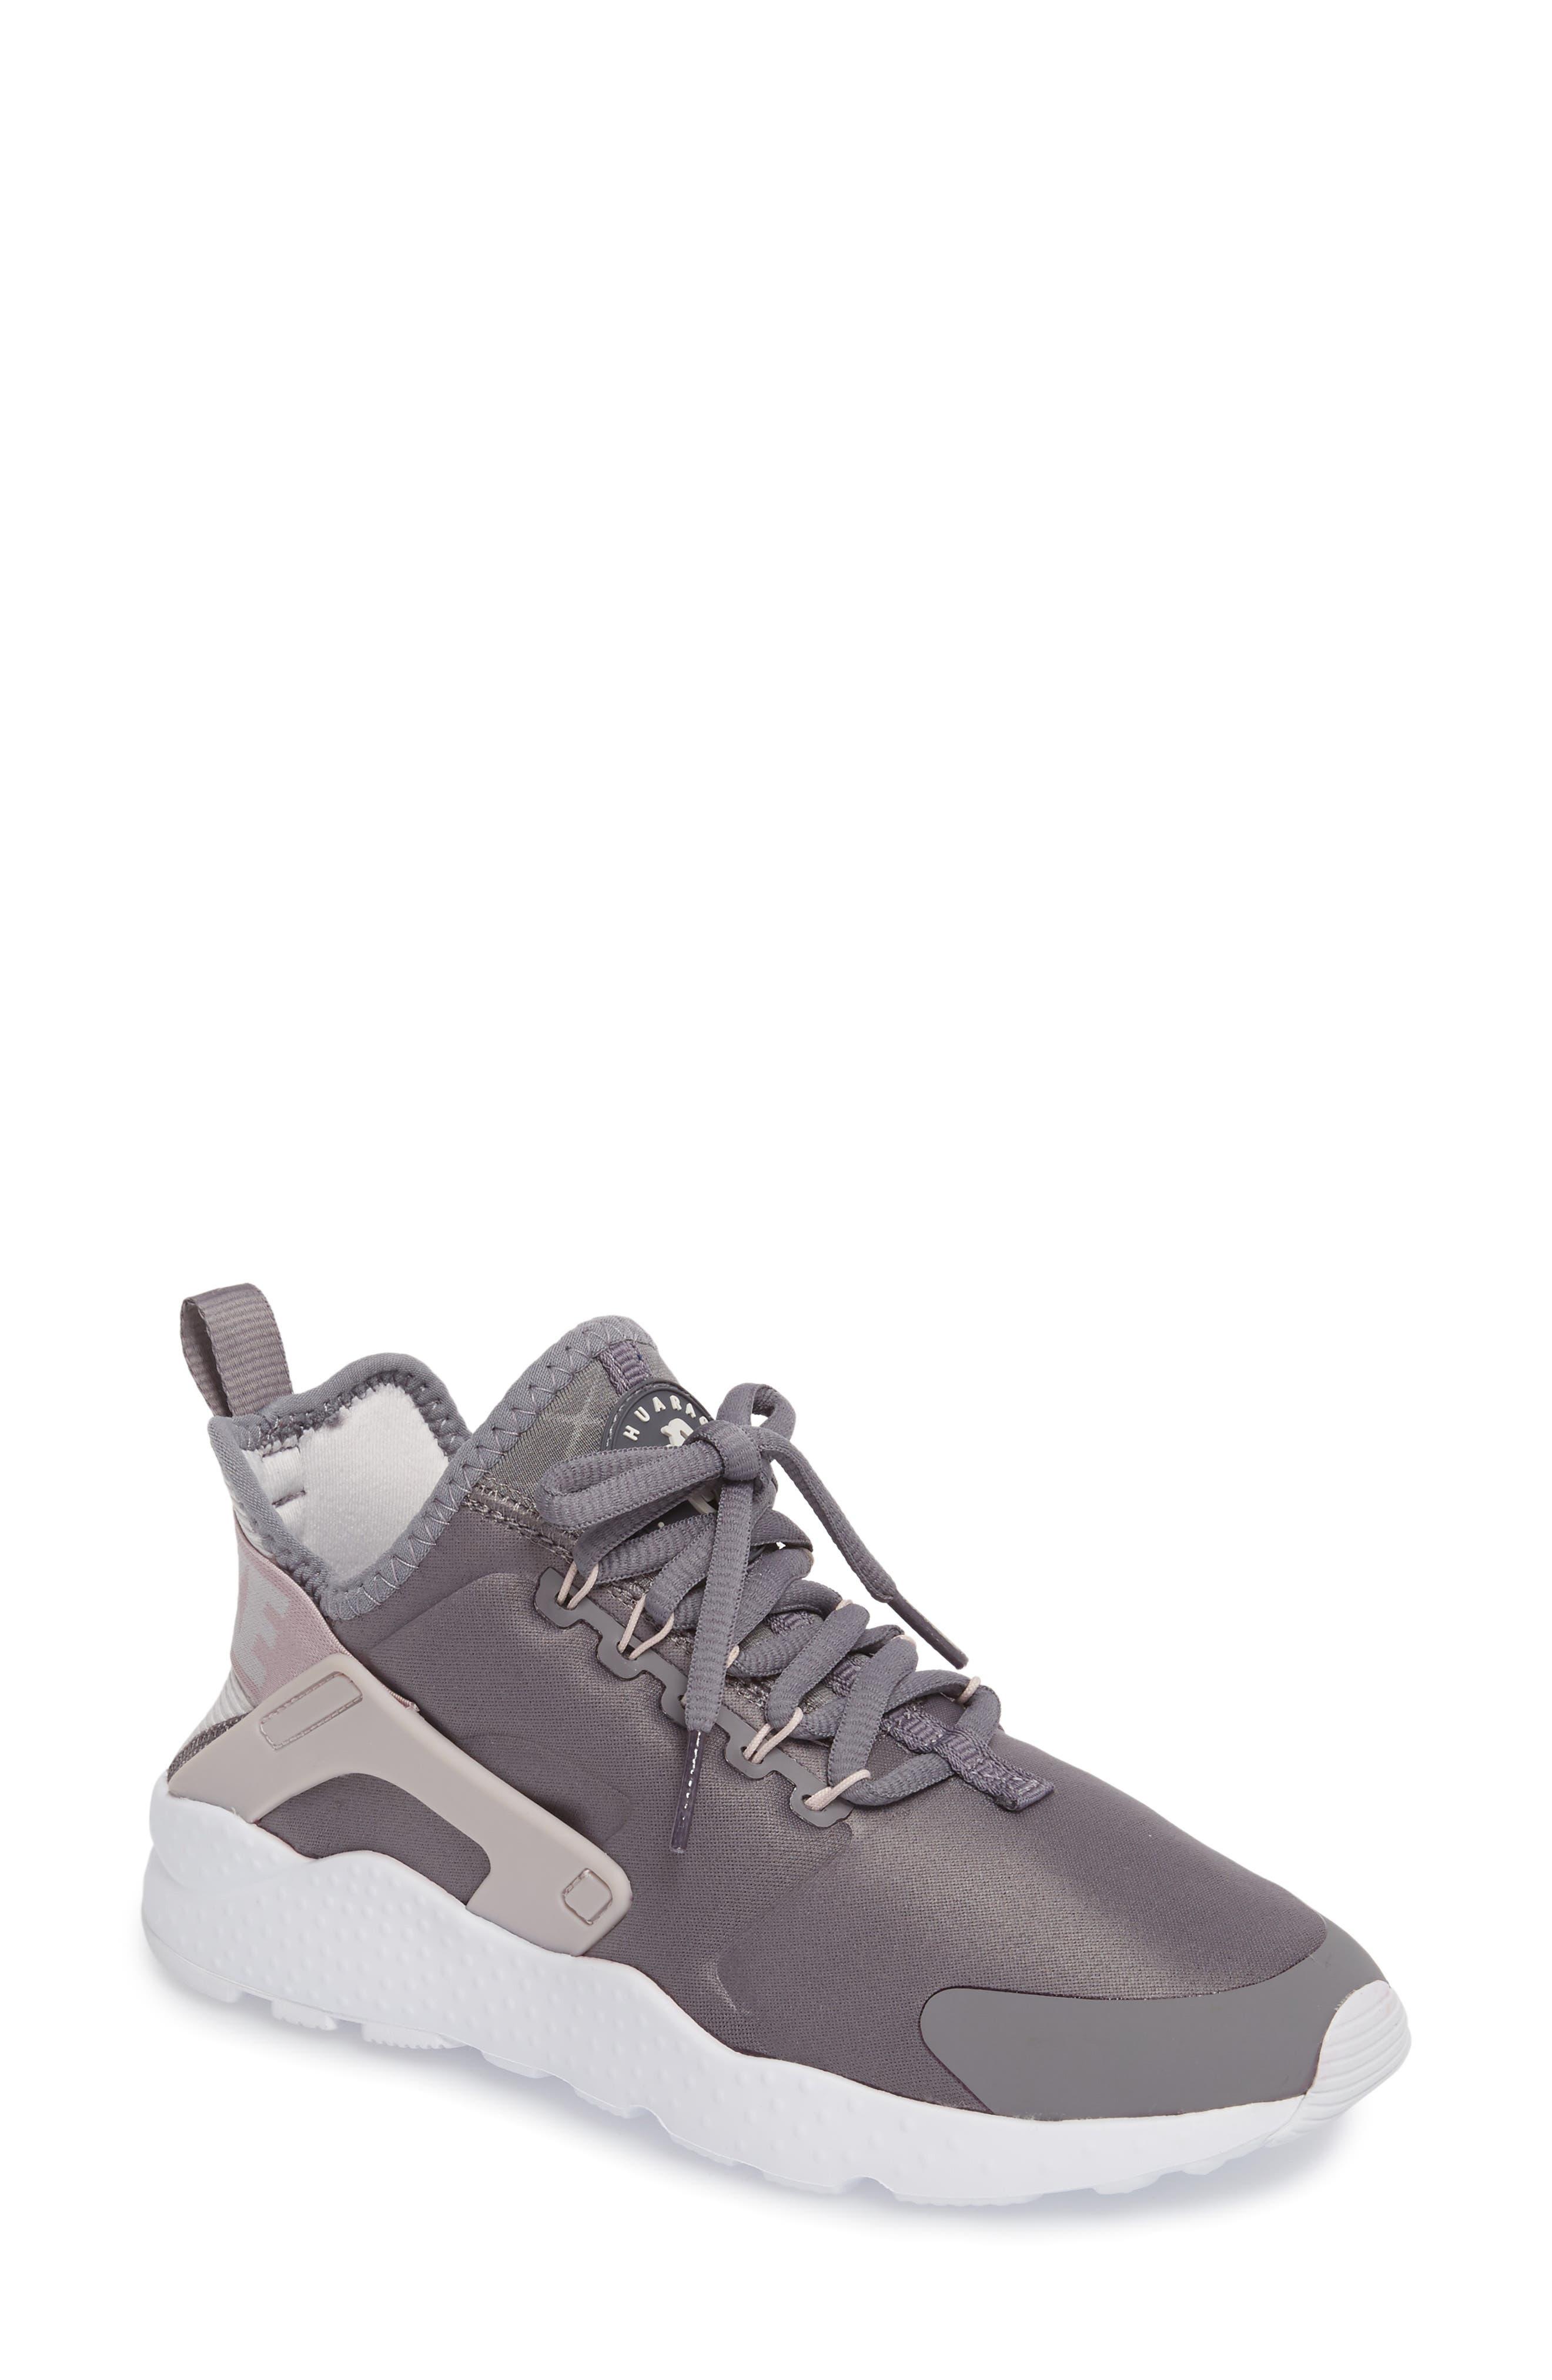 Air Huarache Sneaker,                             Main thumbnail 1, color,                             026